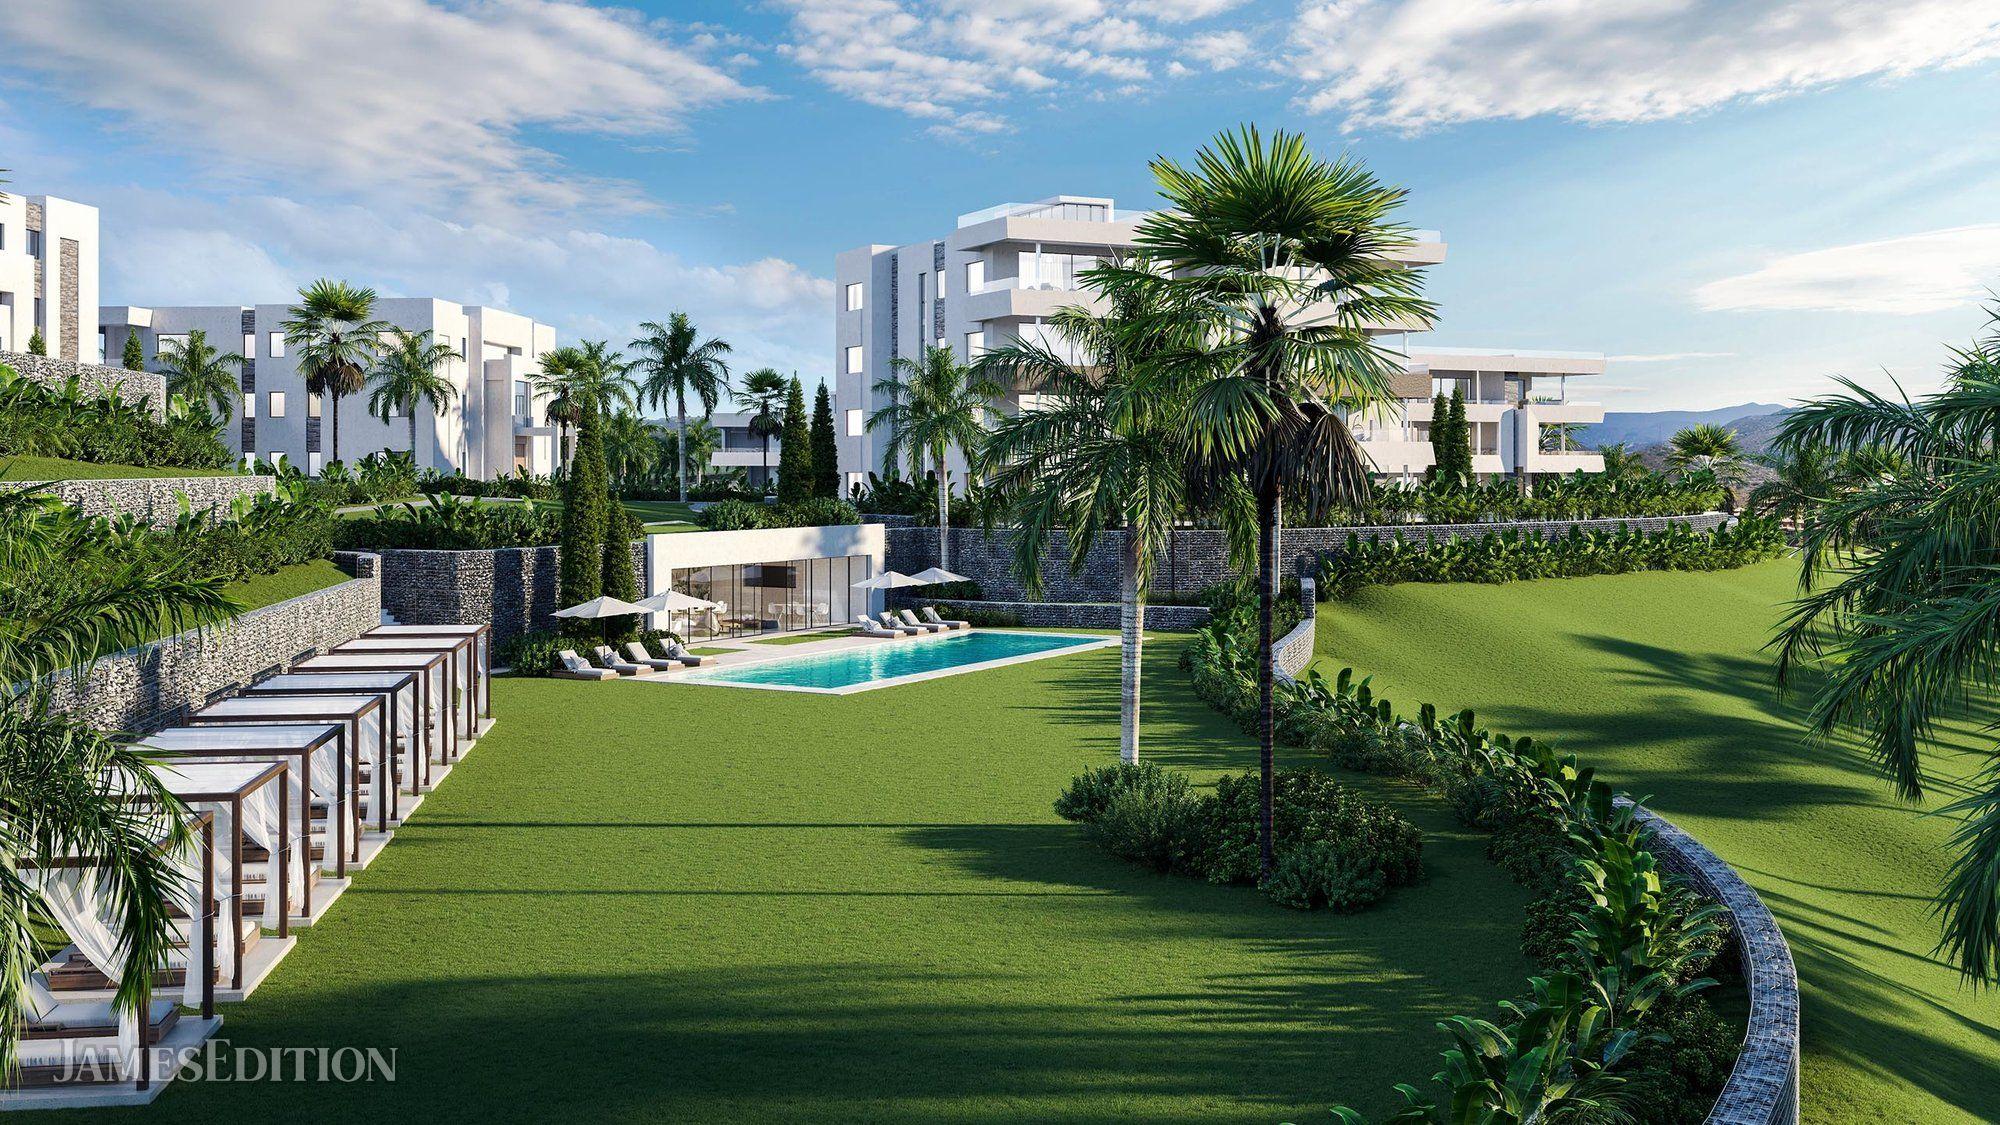 villa in Marbella, Andalusië, Spanje 1 - 10830573